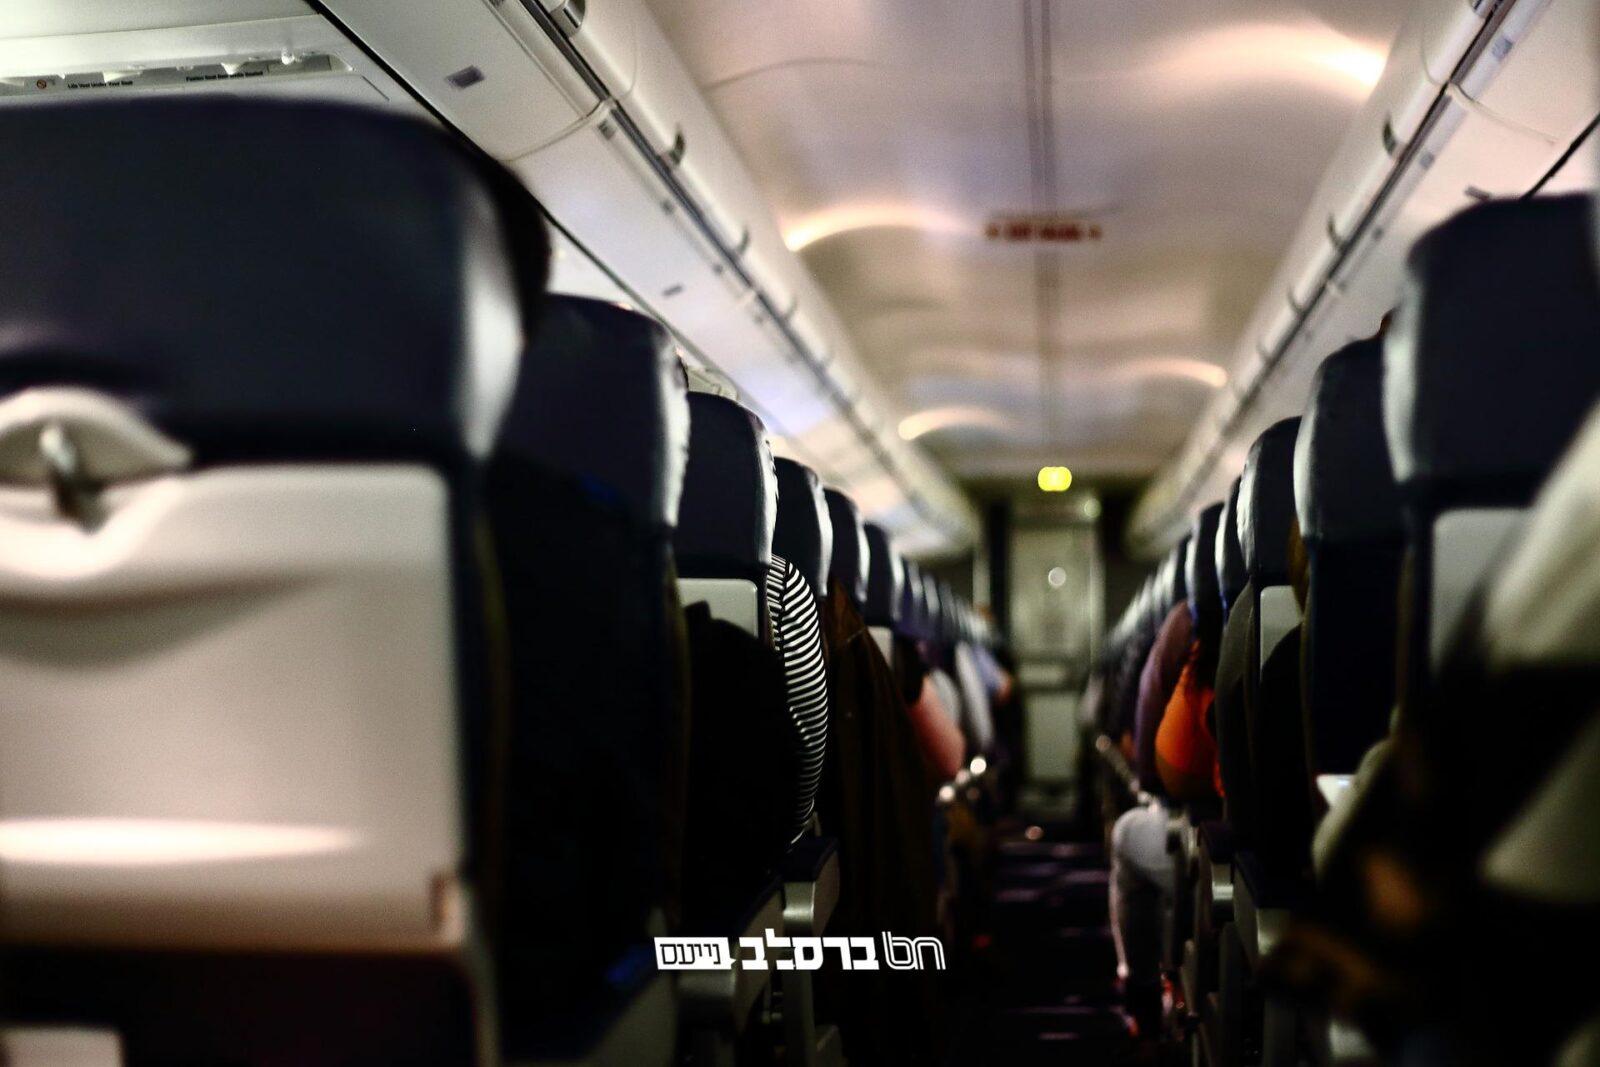 """ה""""סגר"""" יורד מהשמיים • בעקבות הלחץ הציבורי חוזר שדה התעופה לפעילות סדירה הלילה (ה'), בחצות"""